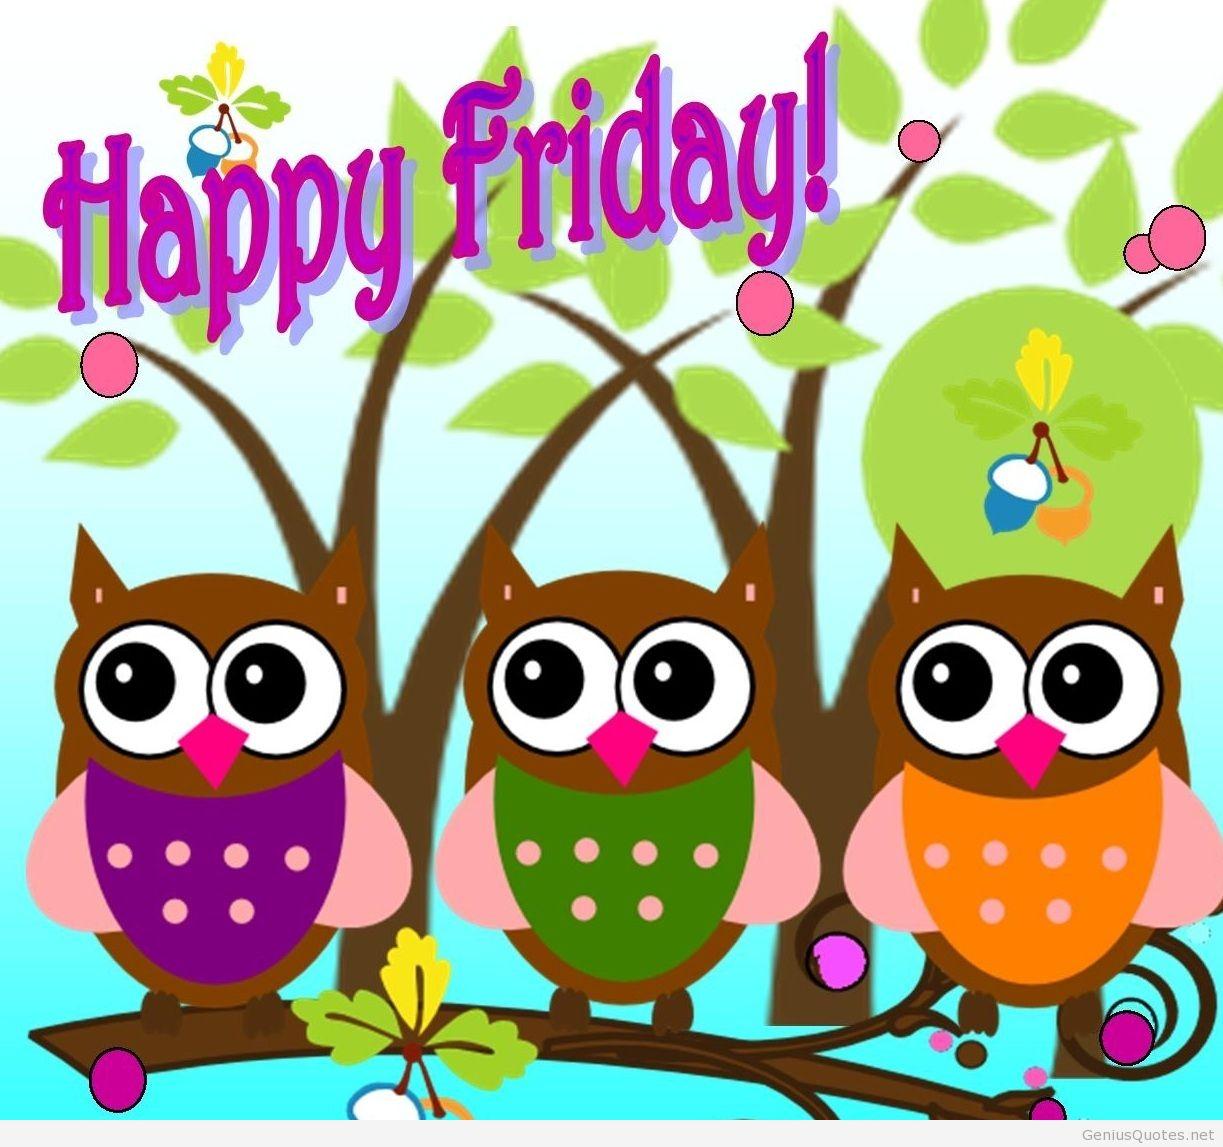 Happy Friday Quotes Funny Happy Friday Clipart Cartoon 20140904120643